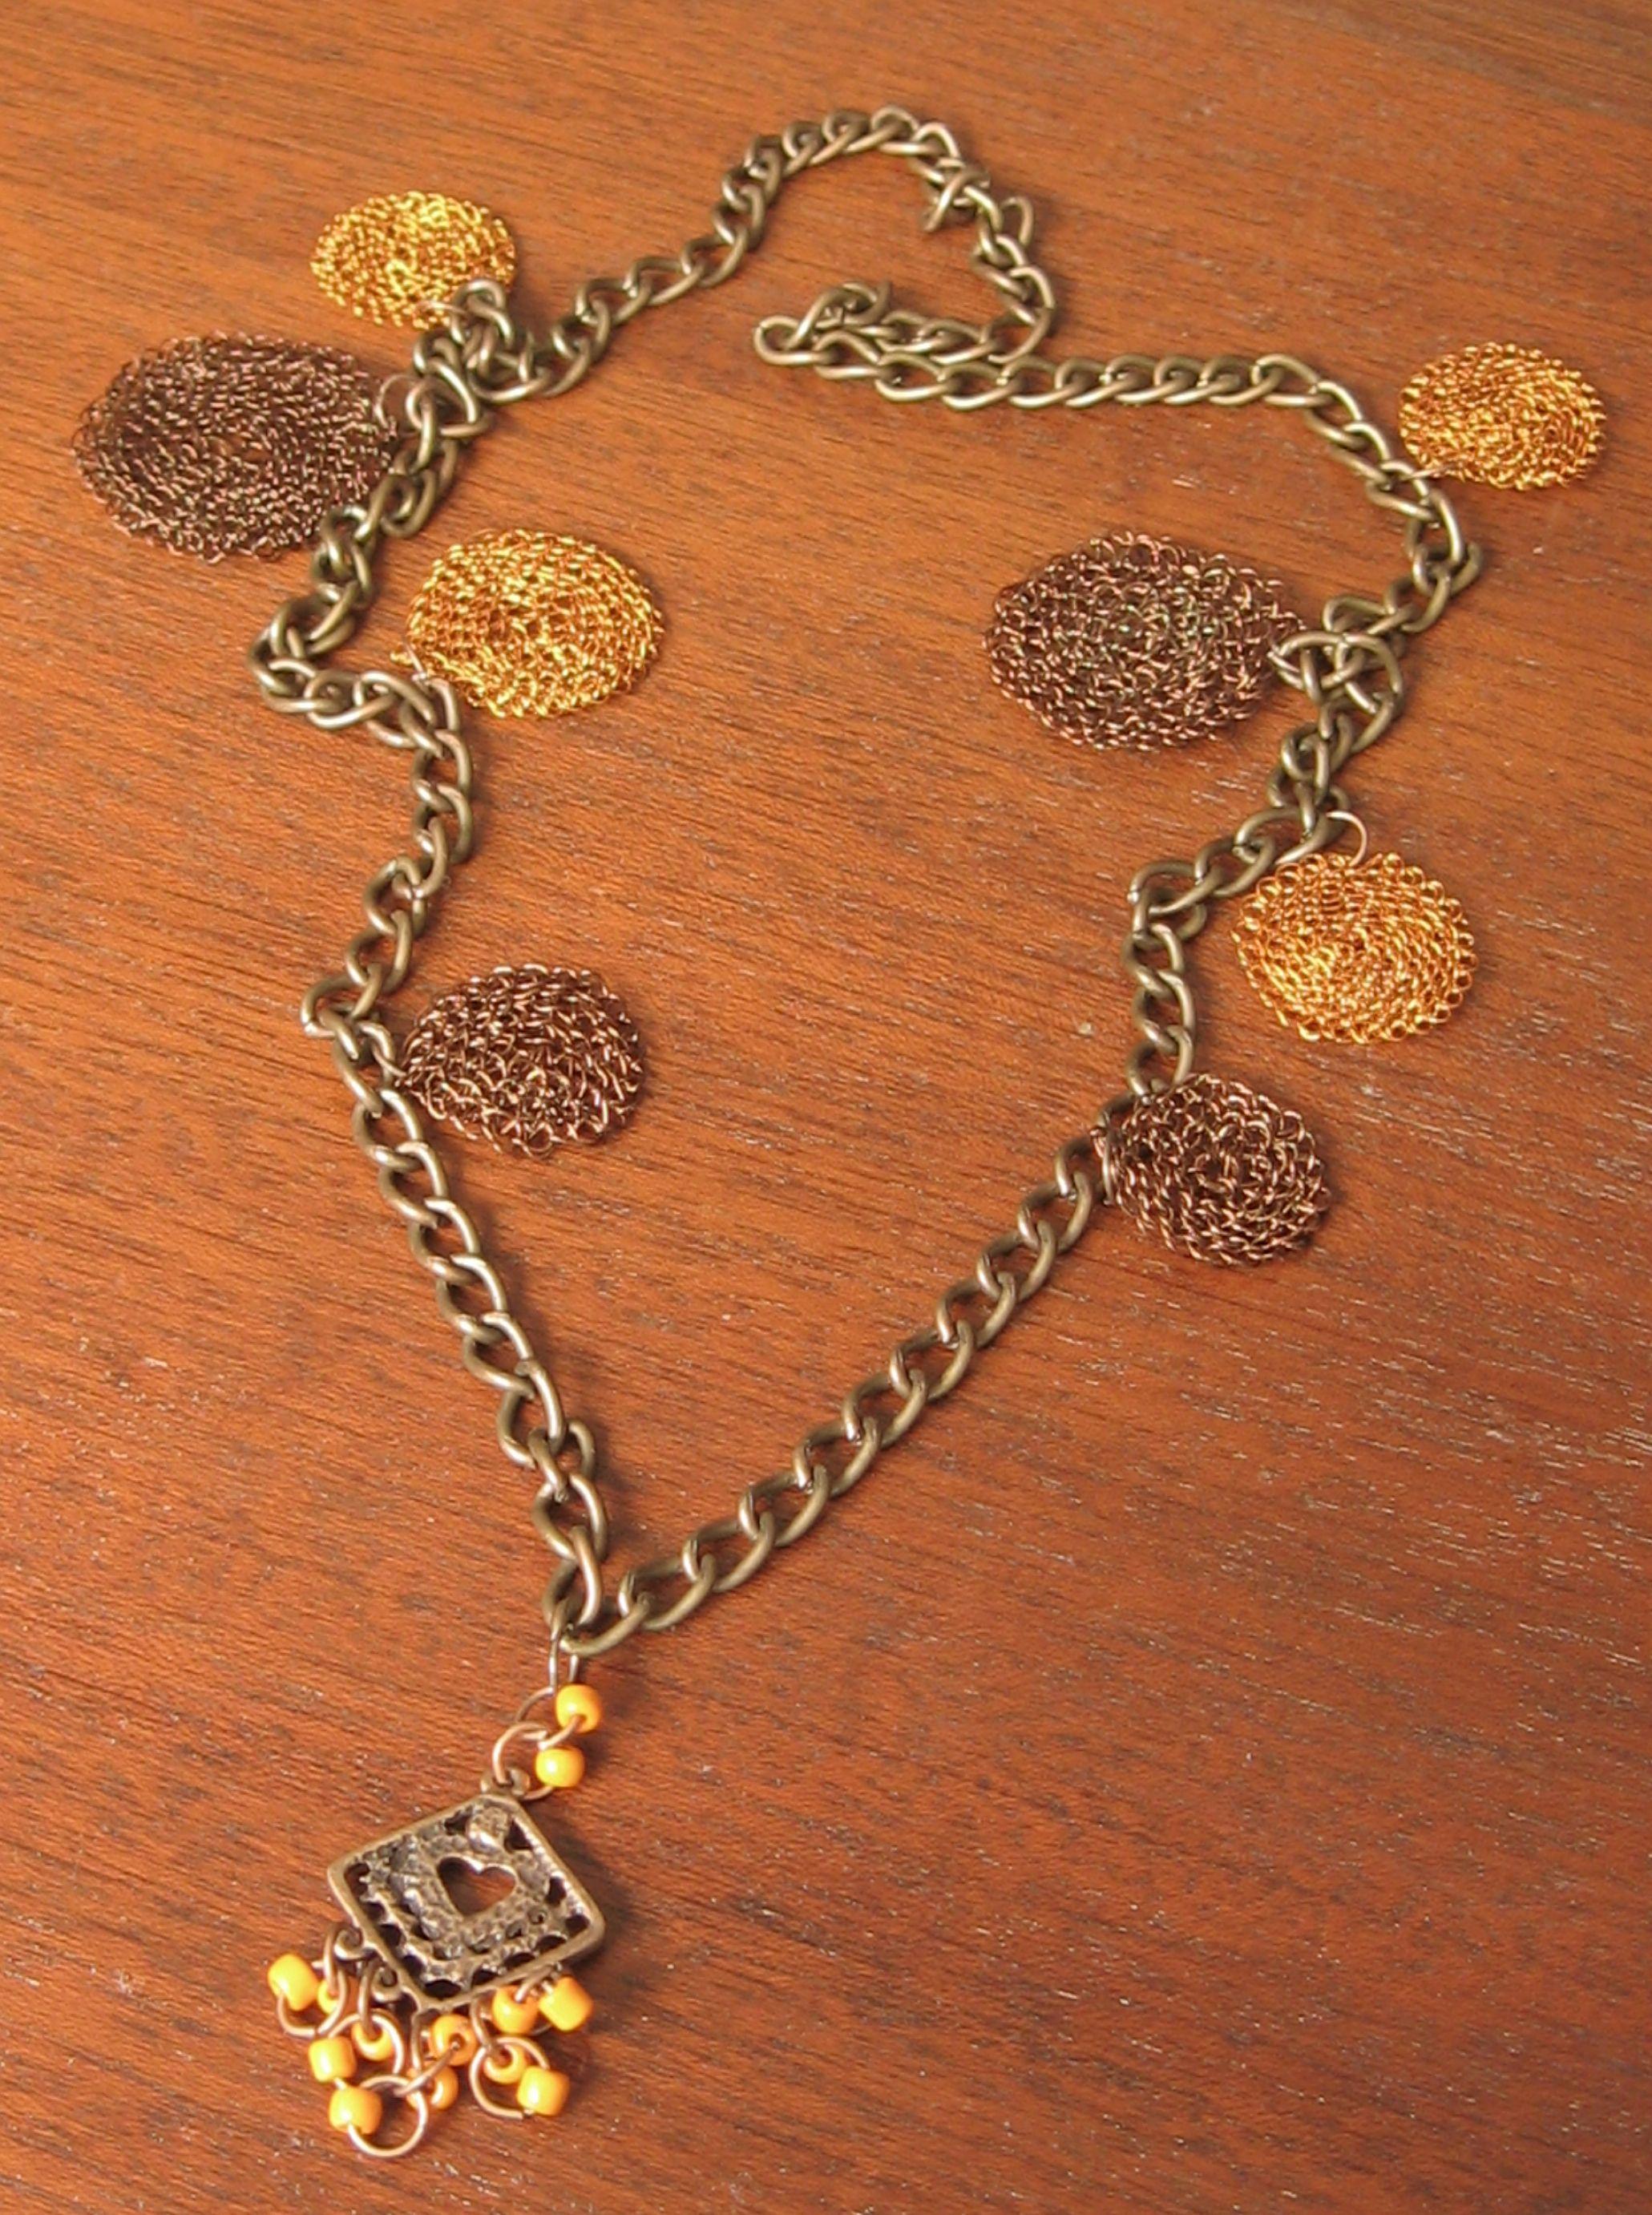 cd2fa03344c1 Collar con accesorios tejidos y otros. Encuentra este Pin y muchos más en Joyeria  Artesanal en hilo de cobre